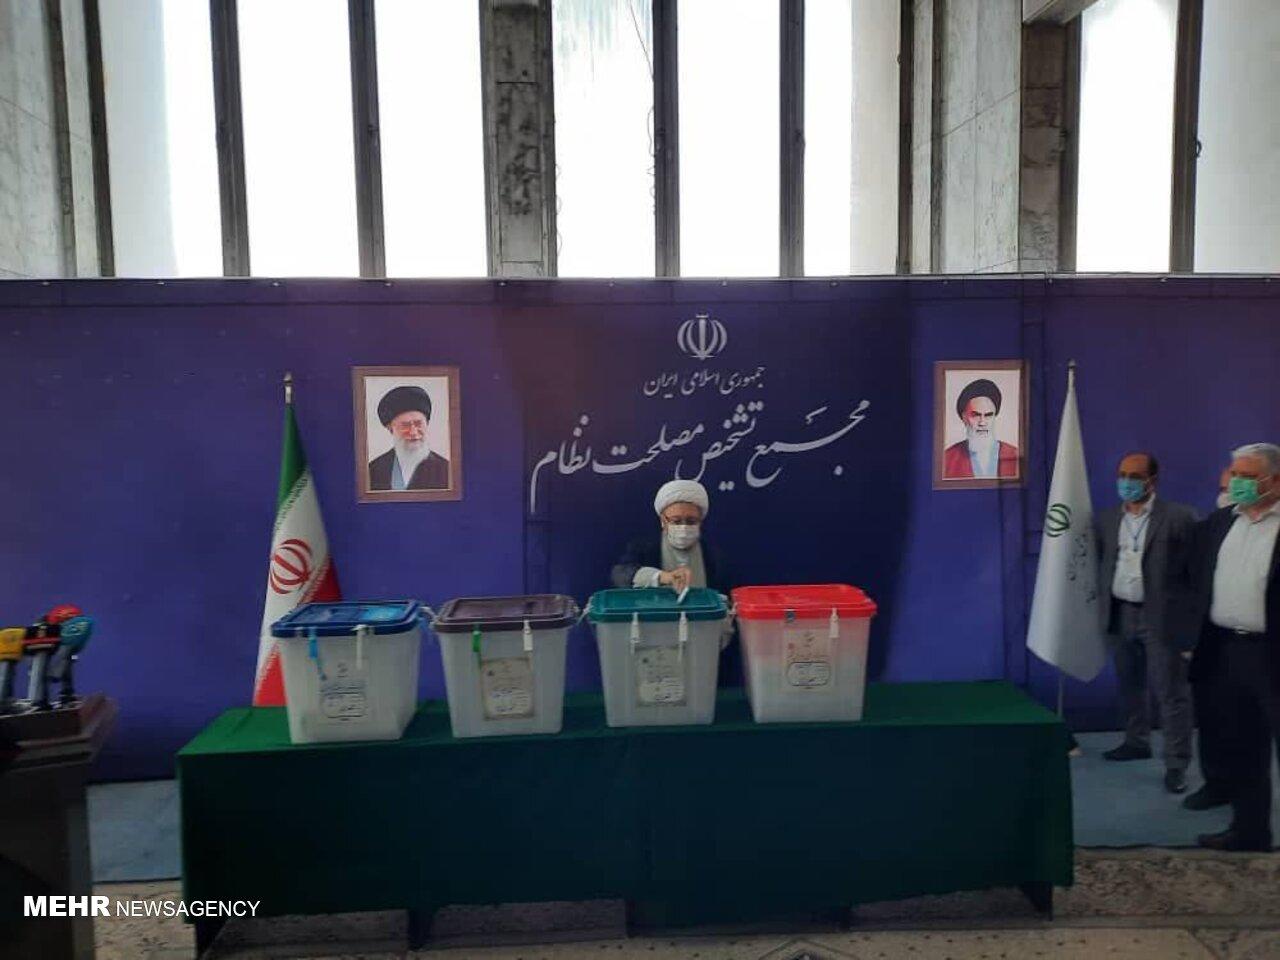 رهبر انقلاب: مردم بیایند، تشخیص دهند، انتخاب کنند و رأی دهند